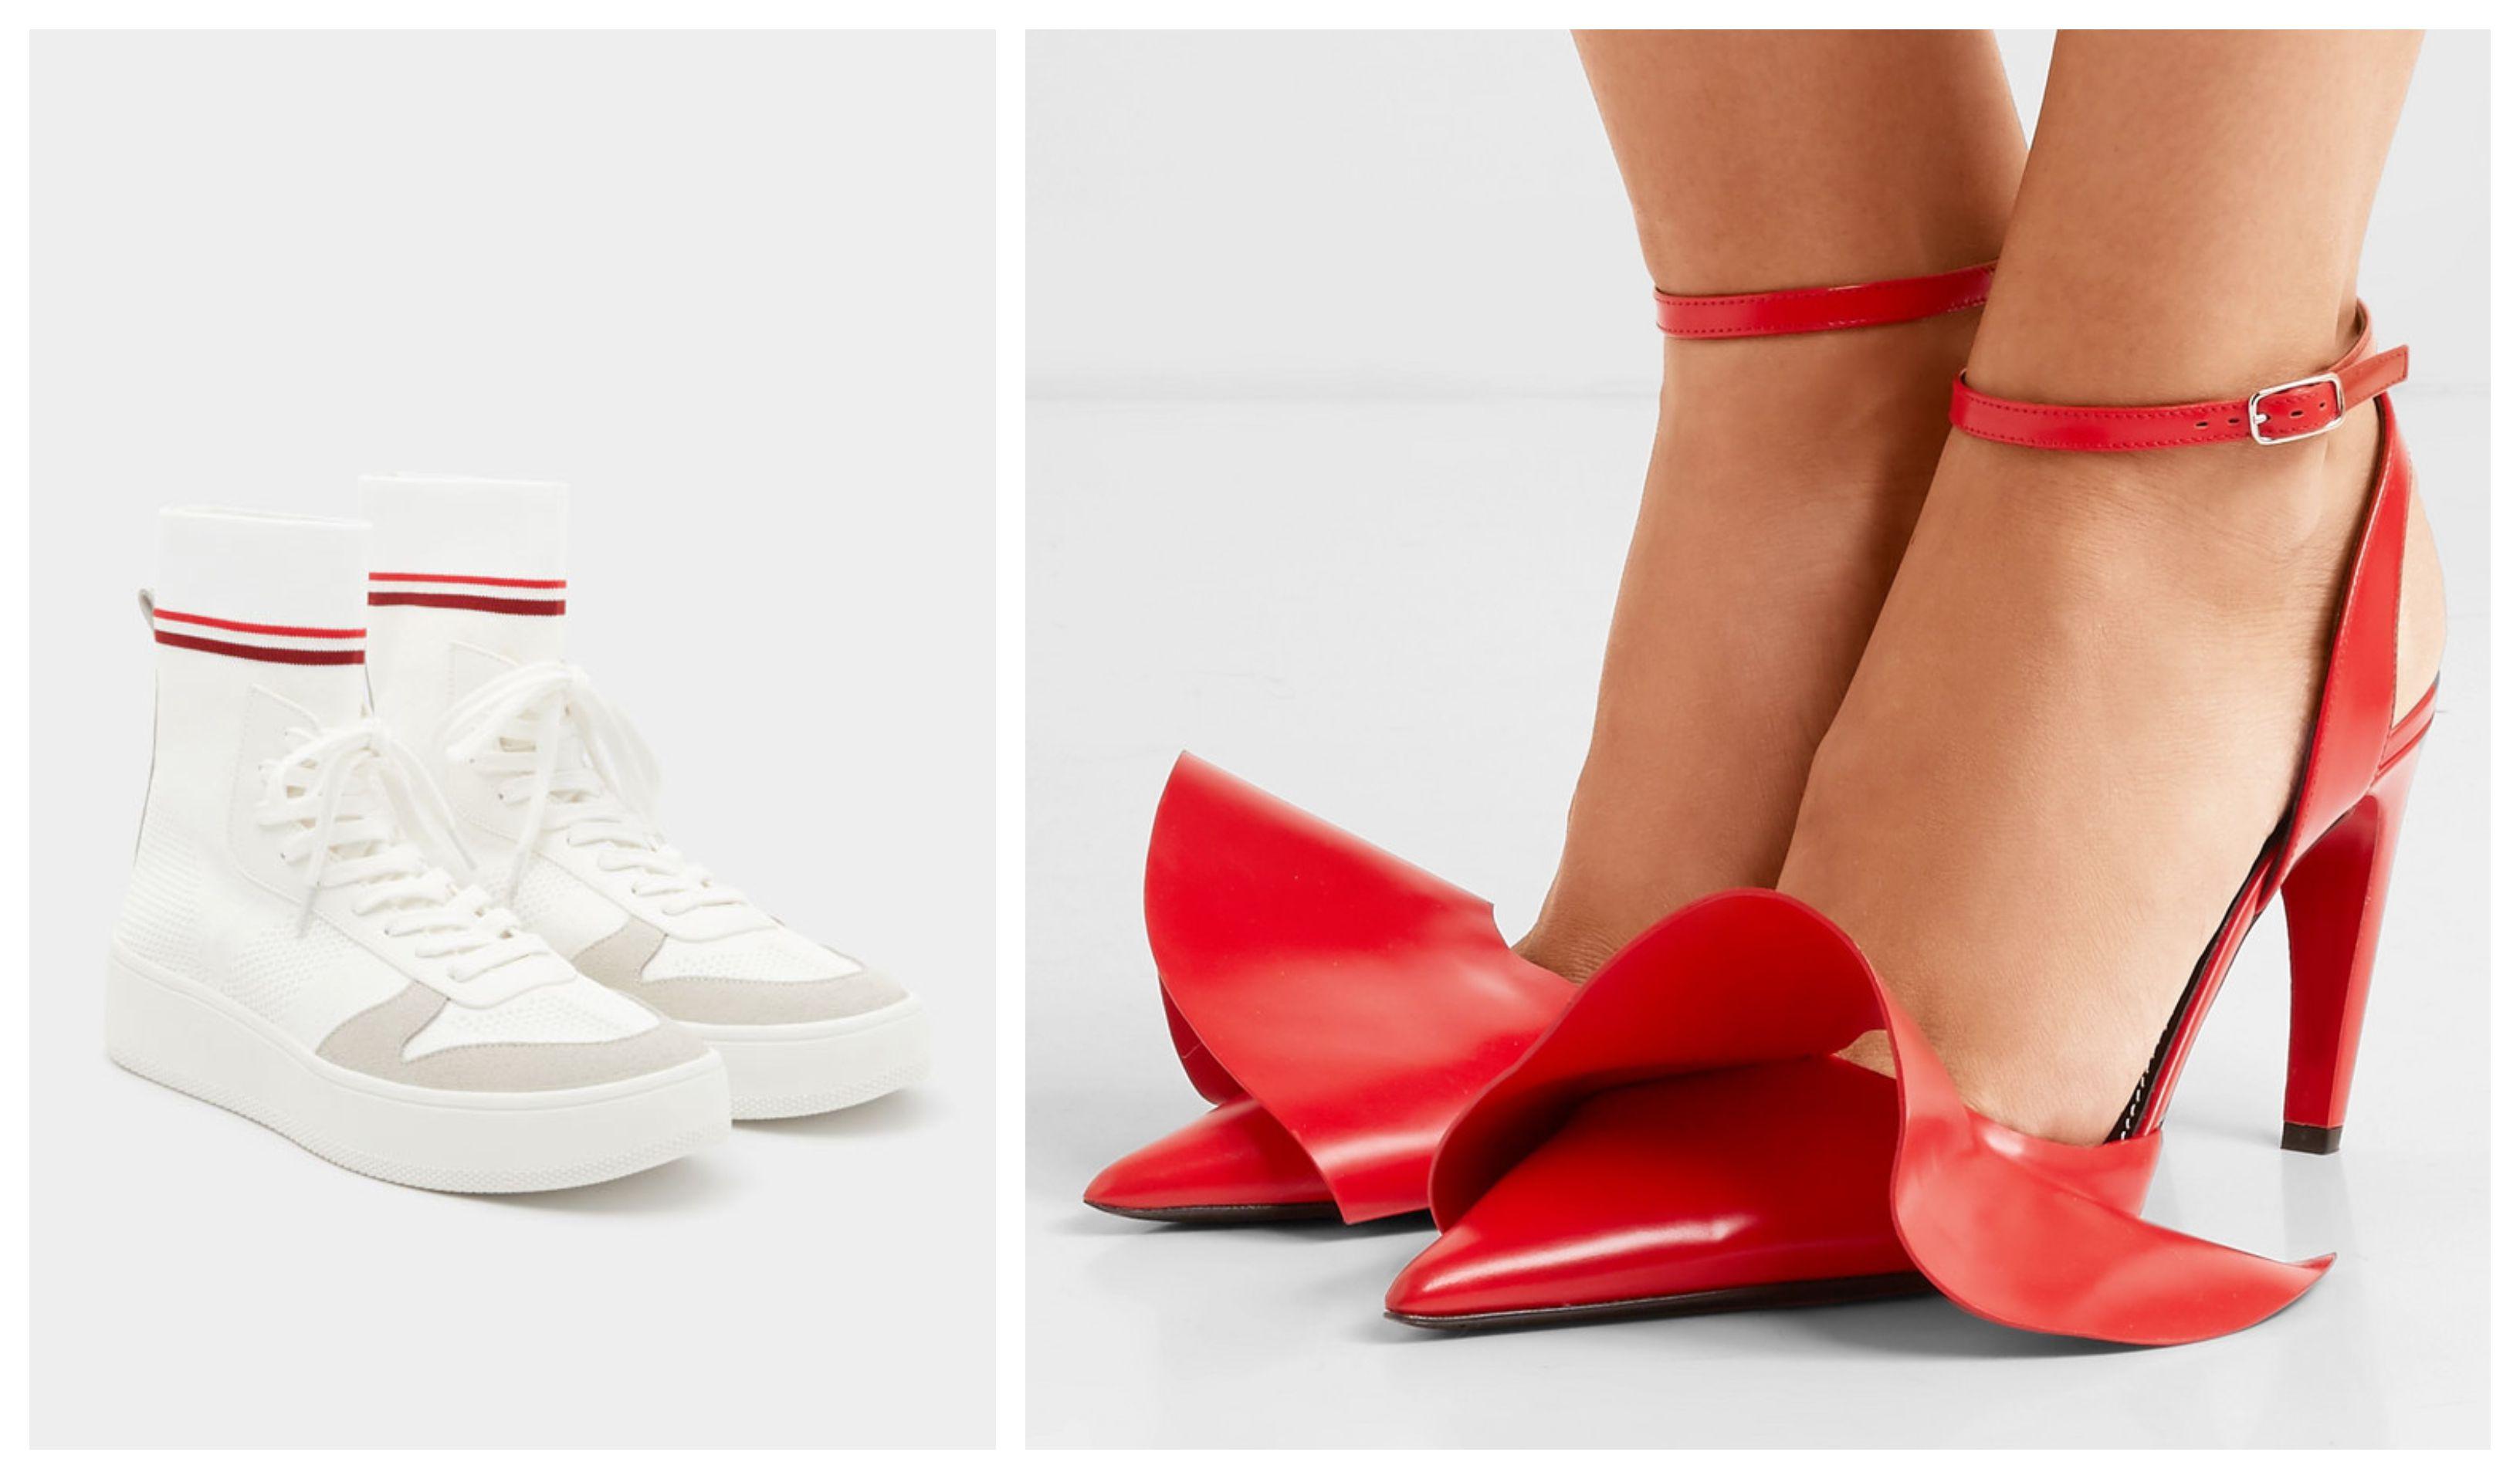 Život je prekratak za dosadne cipele! Pogledajte ove upečatljive modele